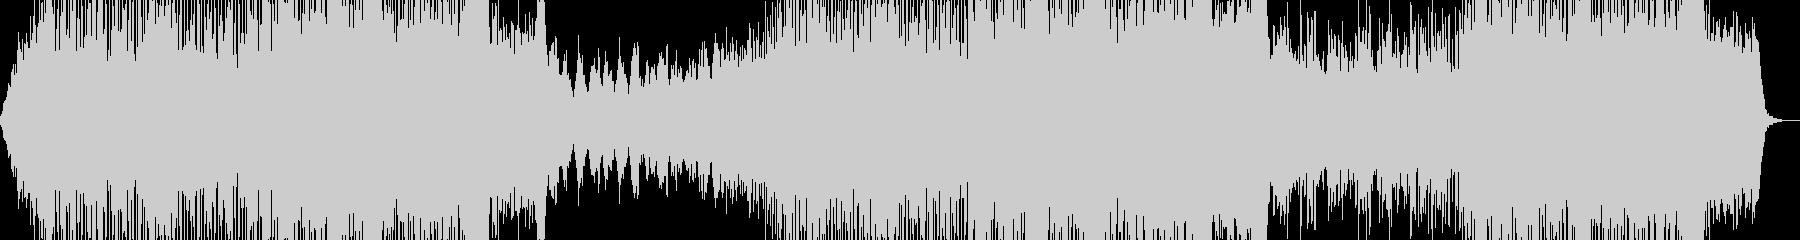 80年代洋楽ポップス風の曲の未再生の波形